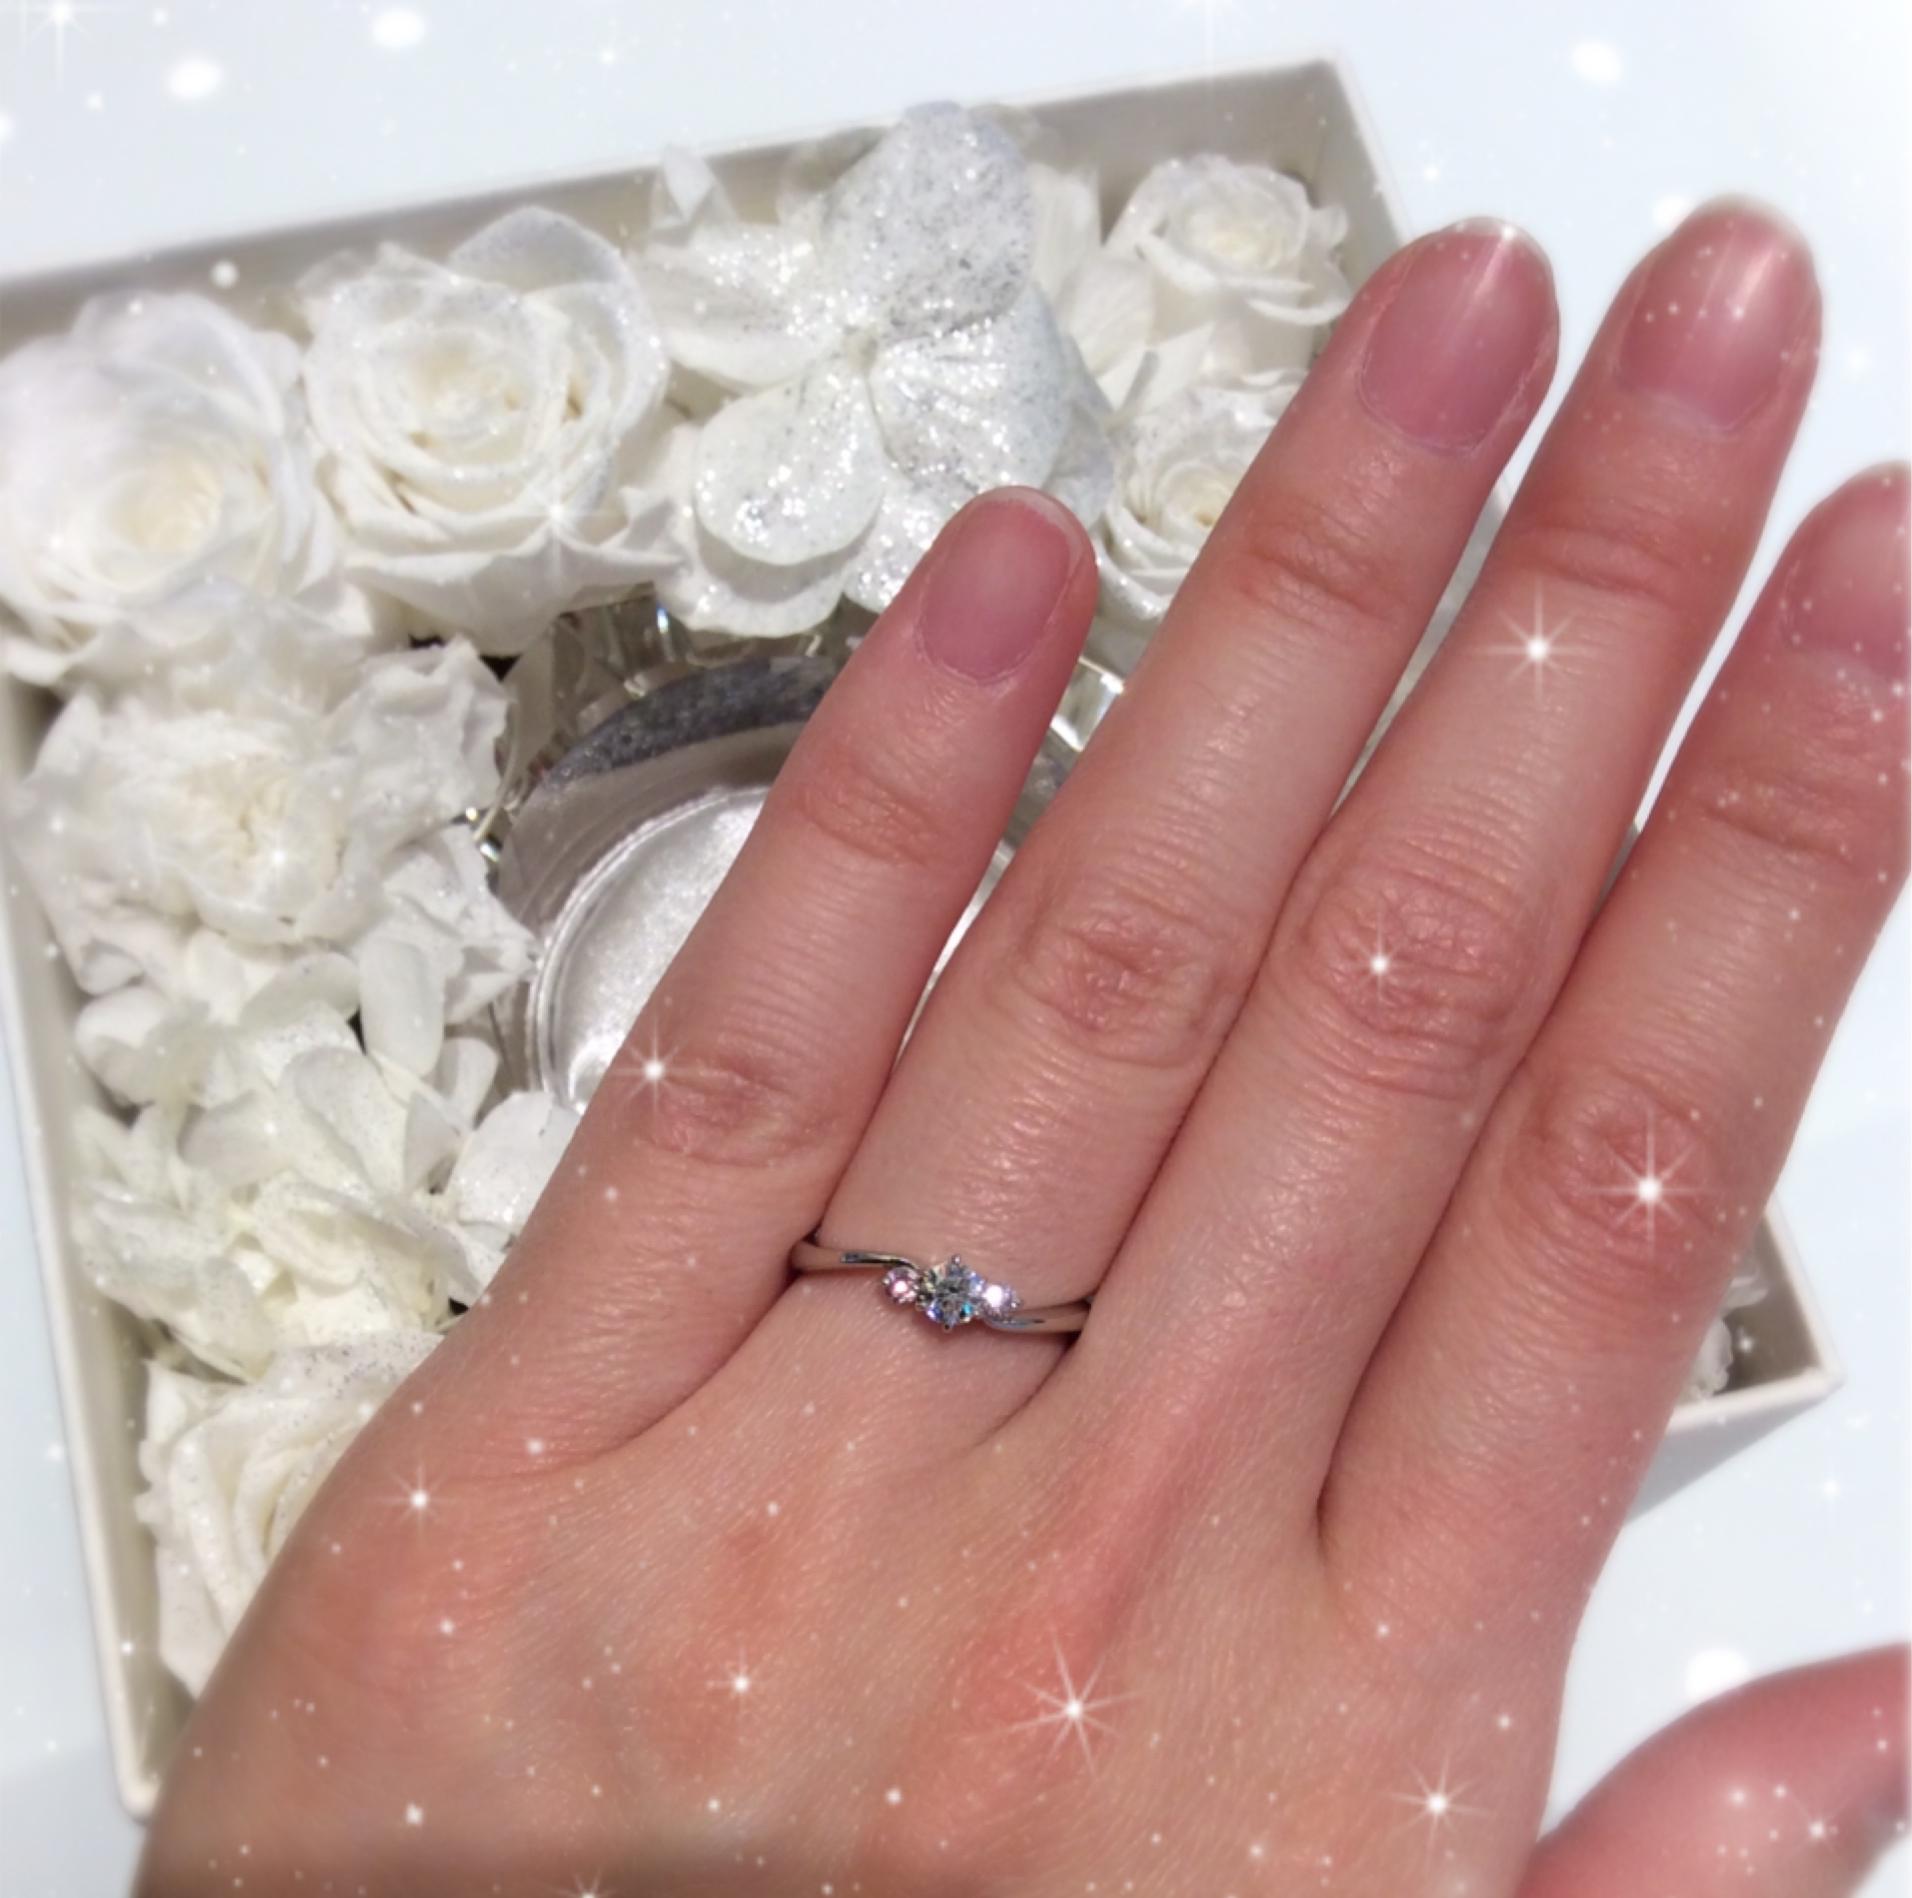 ロイヤルアッシャー限定!ピンクダイヤモンド婚約指輪💍✨